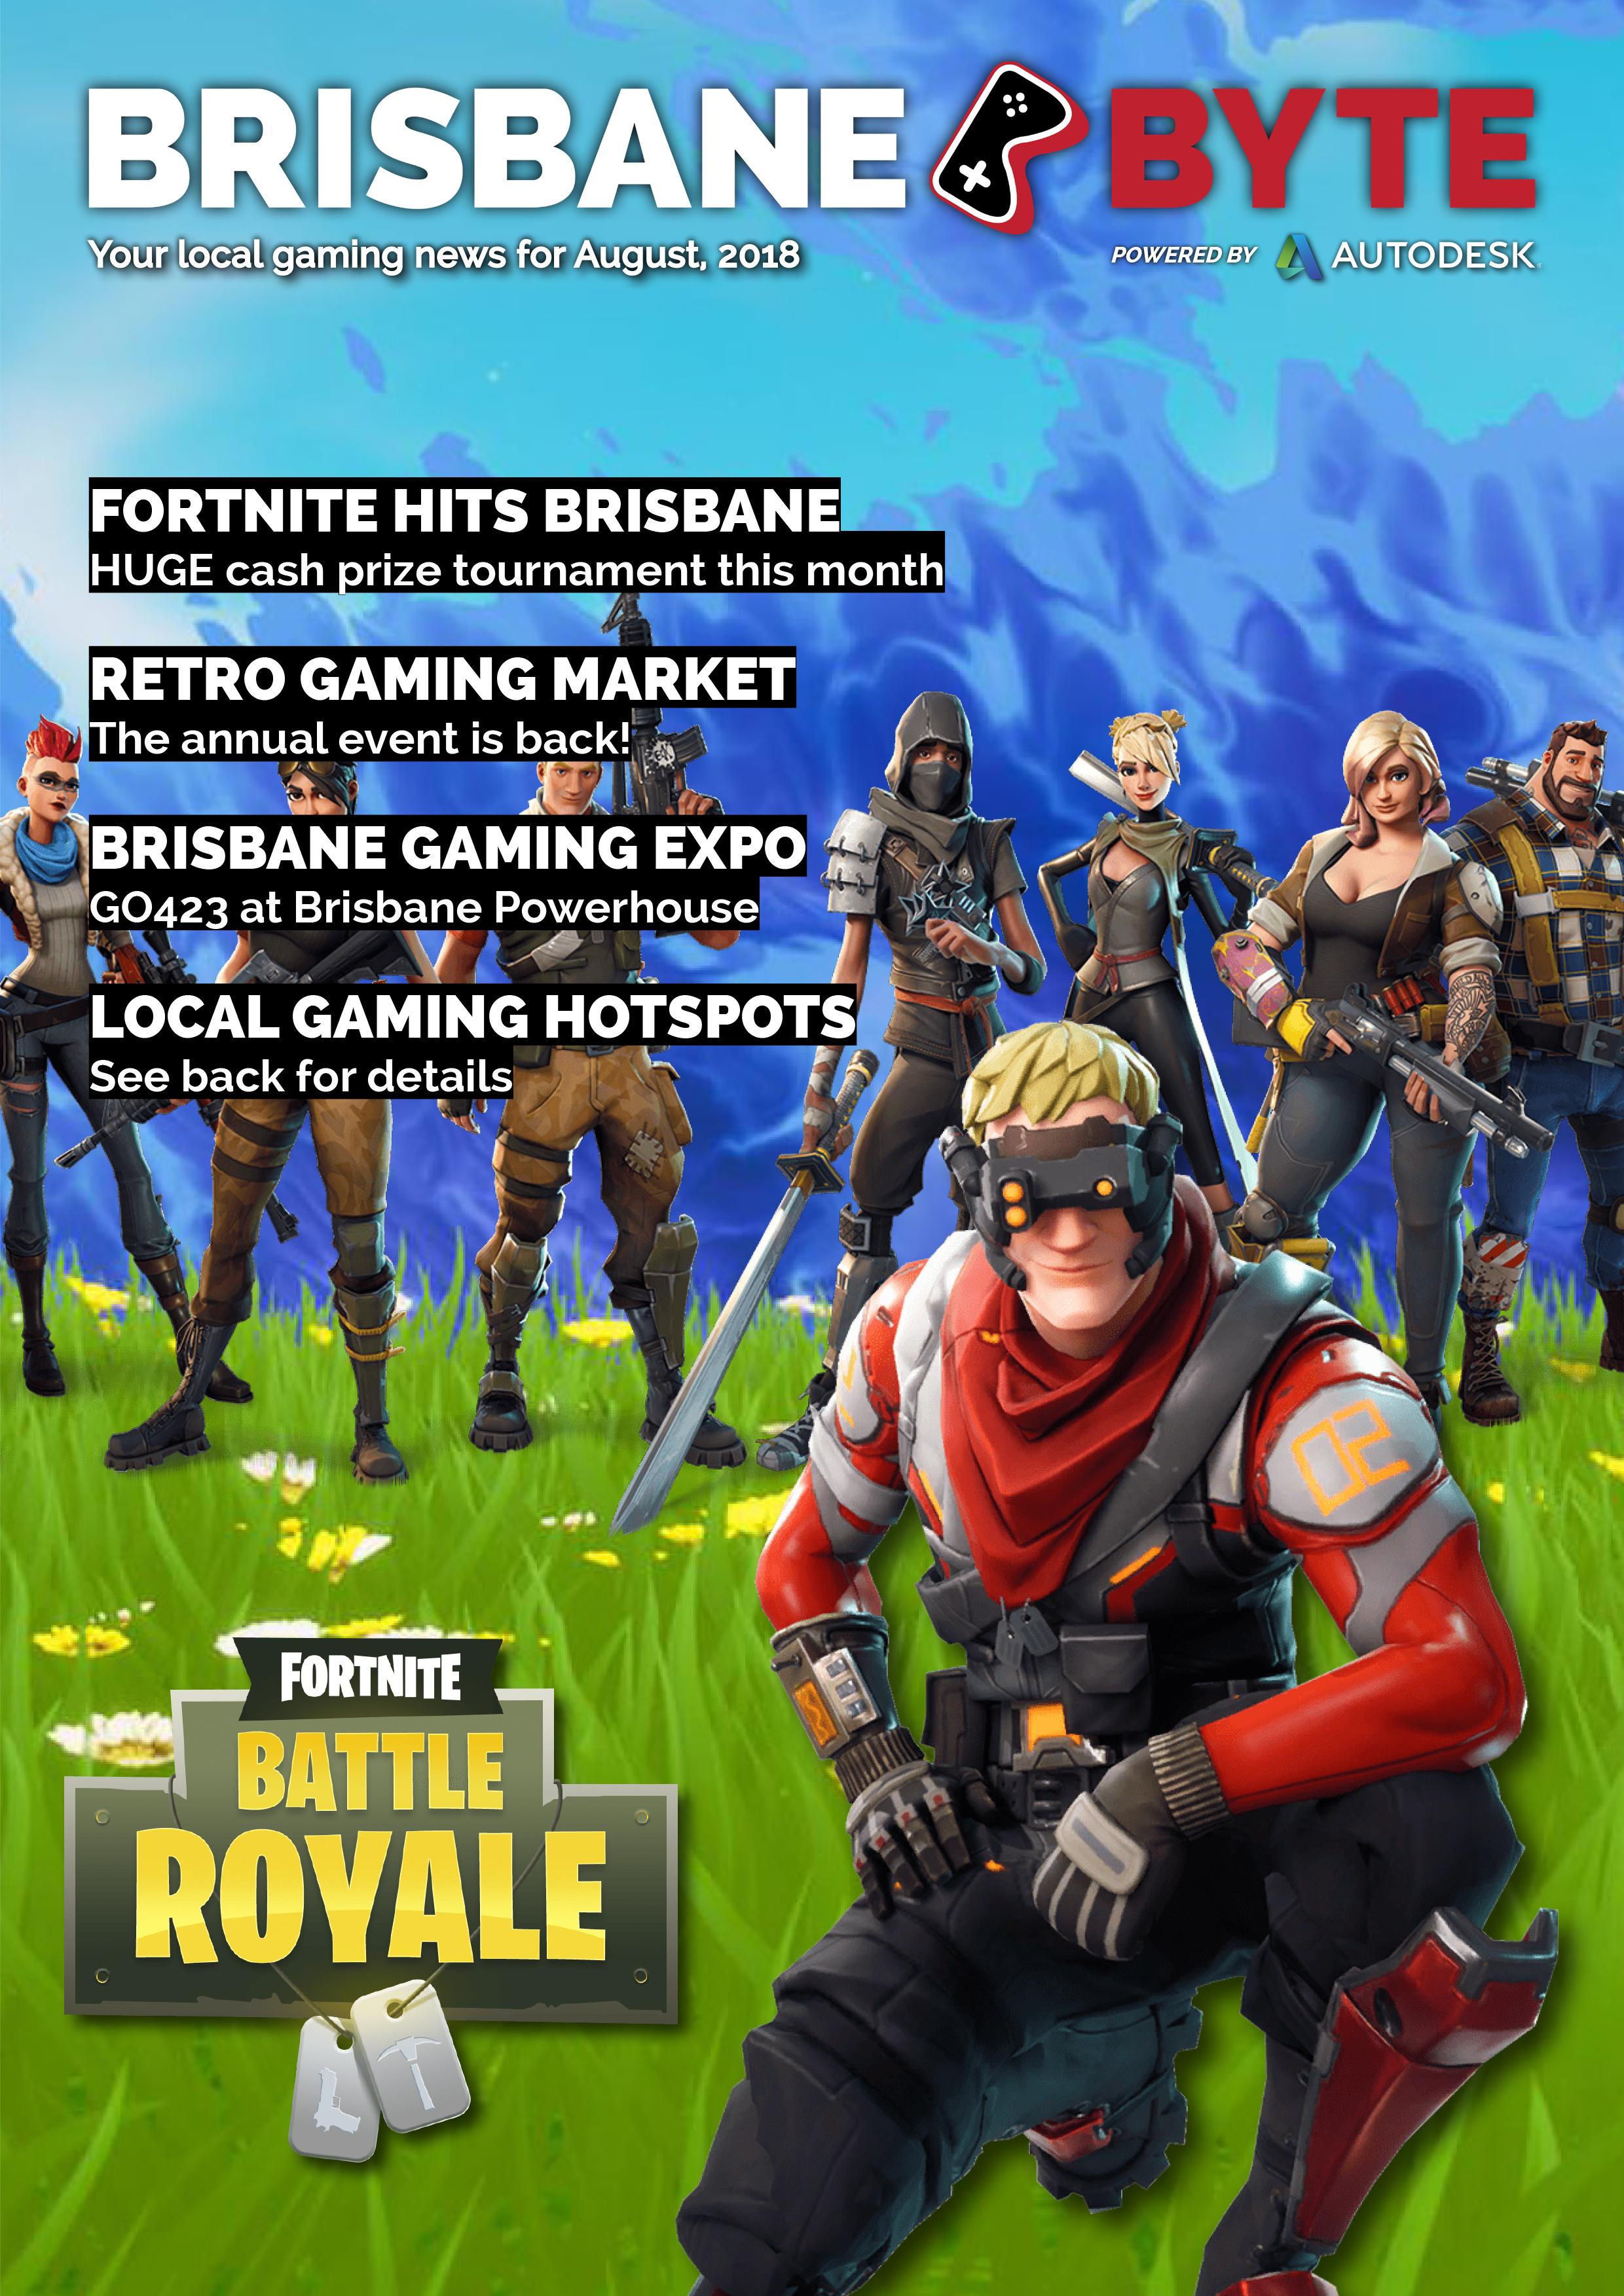 Brisbane Byte 2018-8-1.jpg